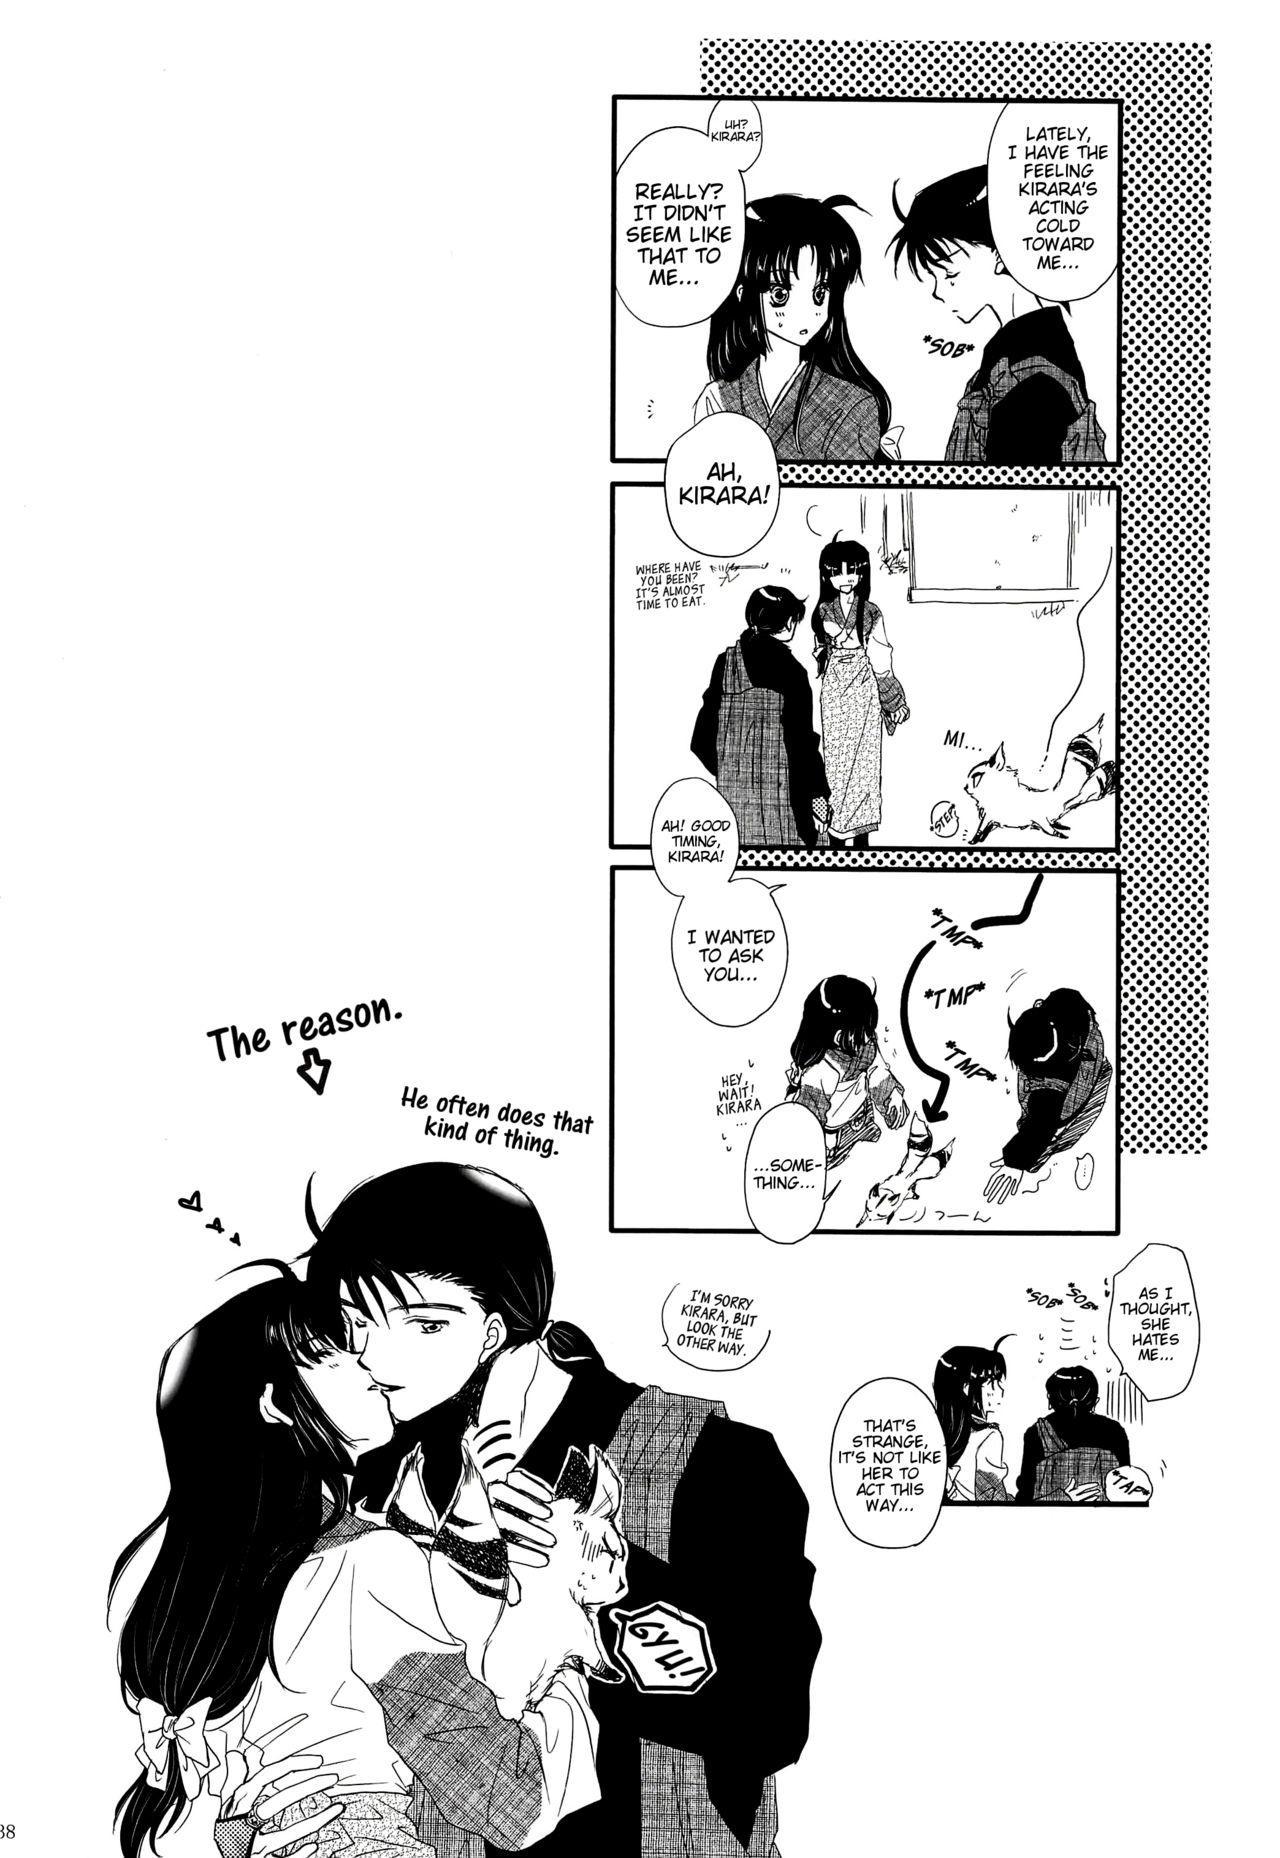 Iromatsuyoibana | Sensual night flower 36